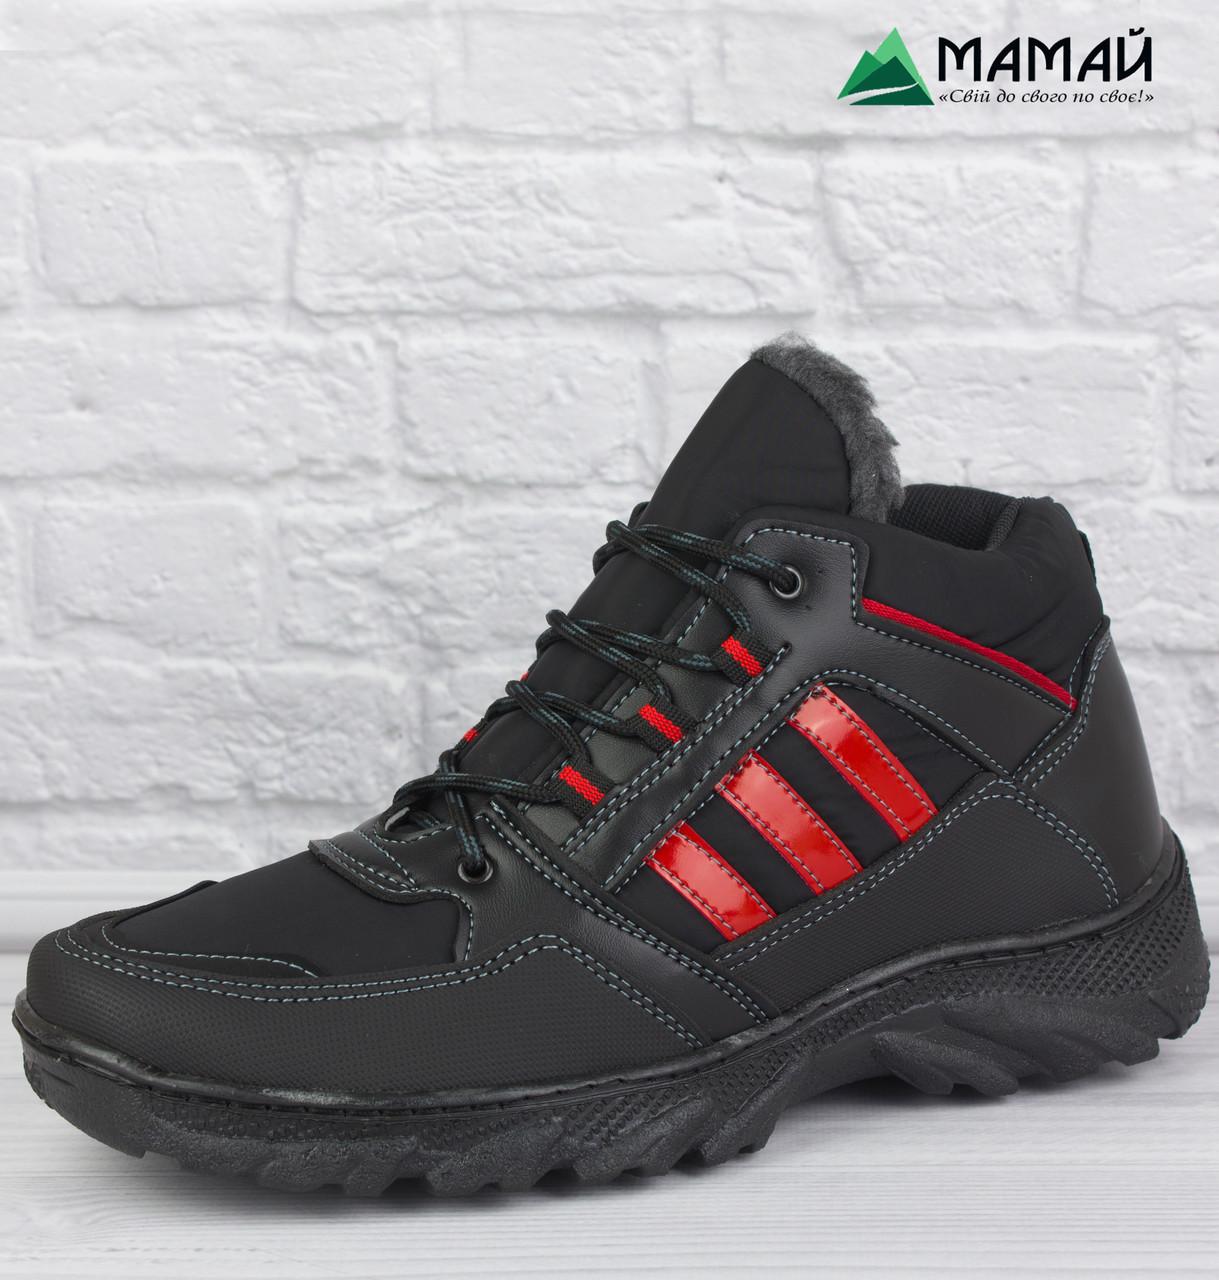 42,43р Чоловічі черевики зима -20 °C